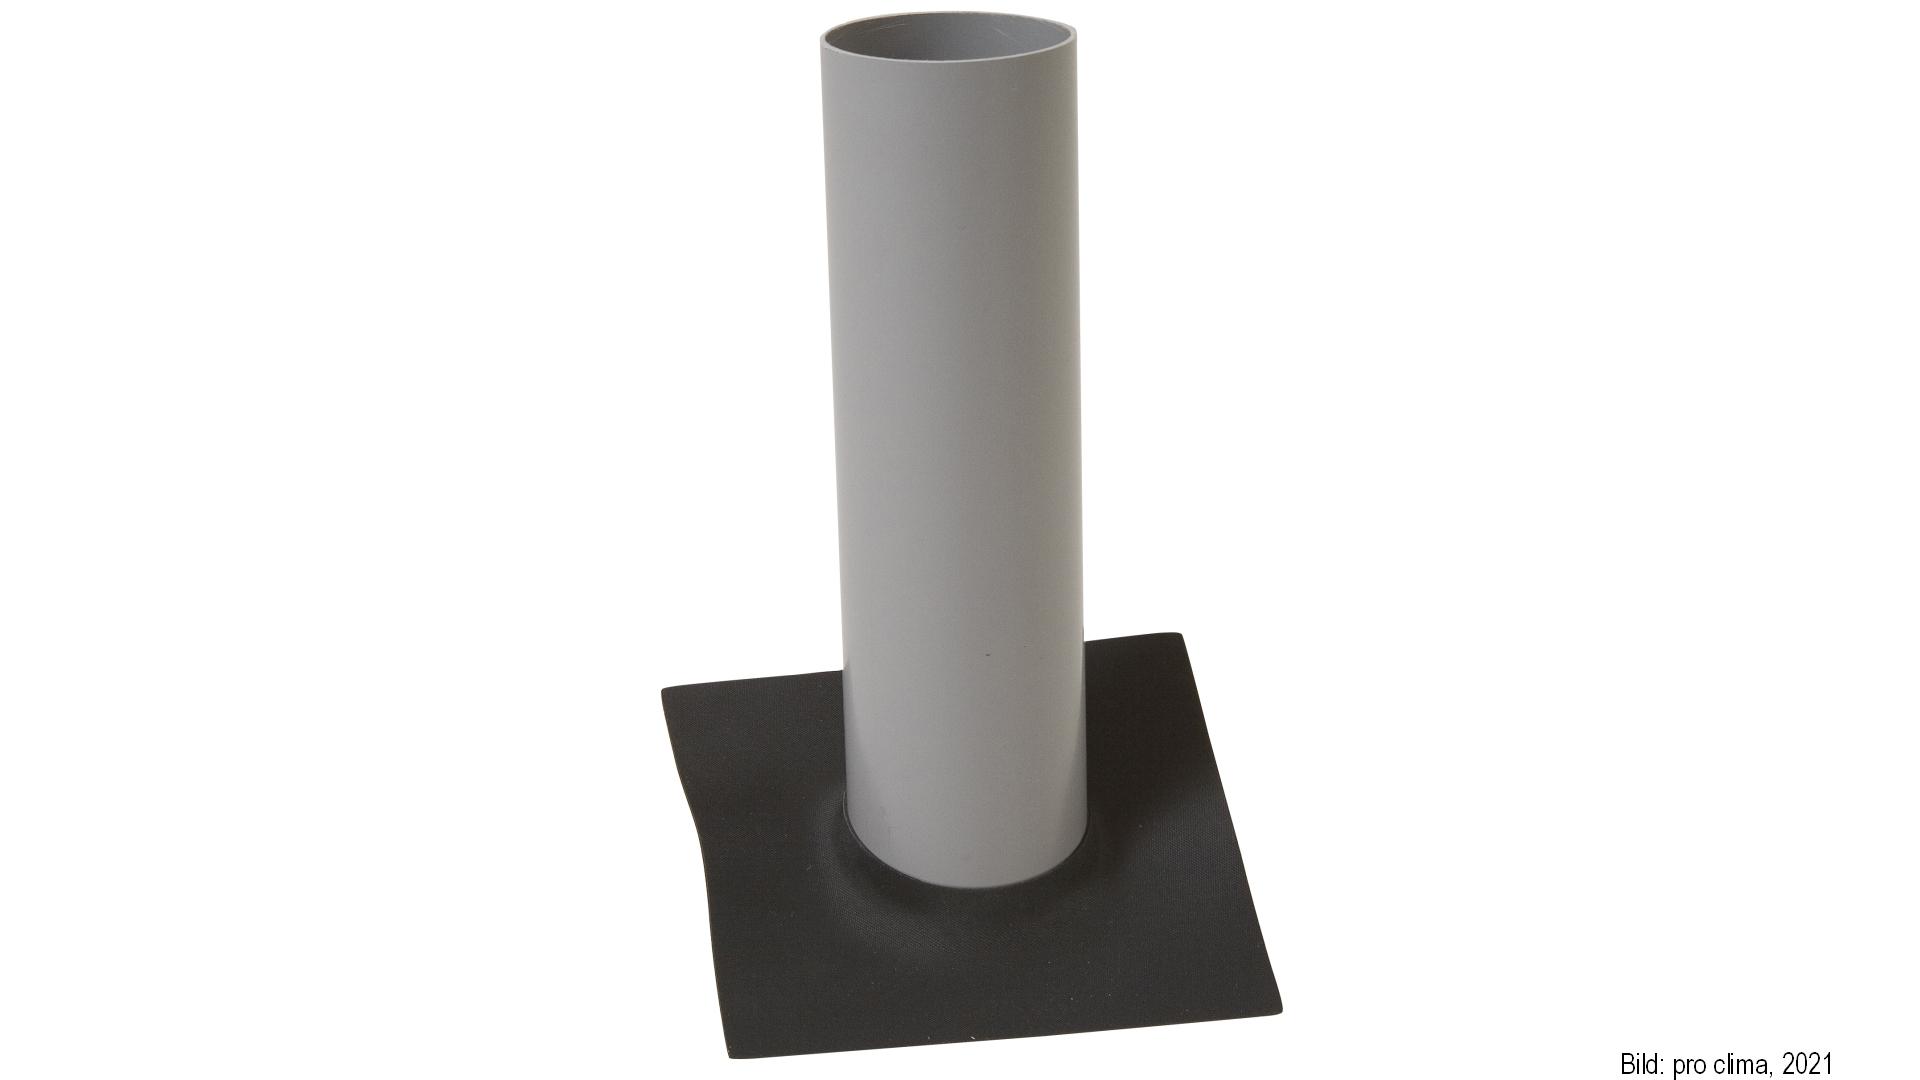 pro clima ROFLEX 100 Rohr-Manschette, 200 x 200 mm, für Rohre mit Ø 100 - 120 mm, 1 Manschette